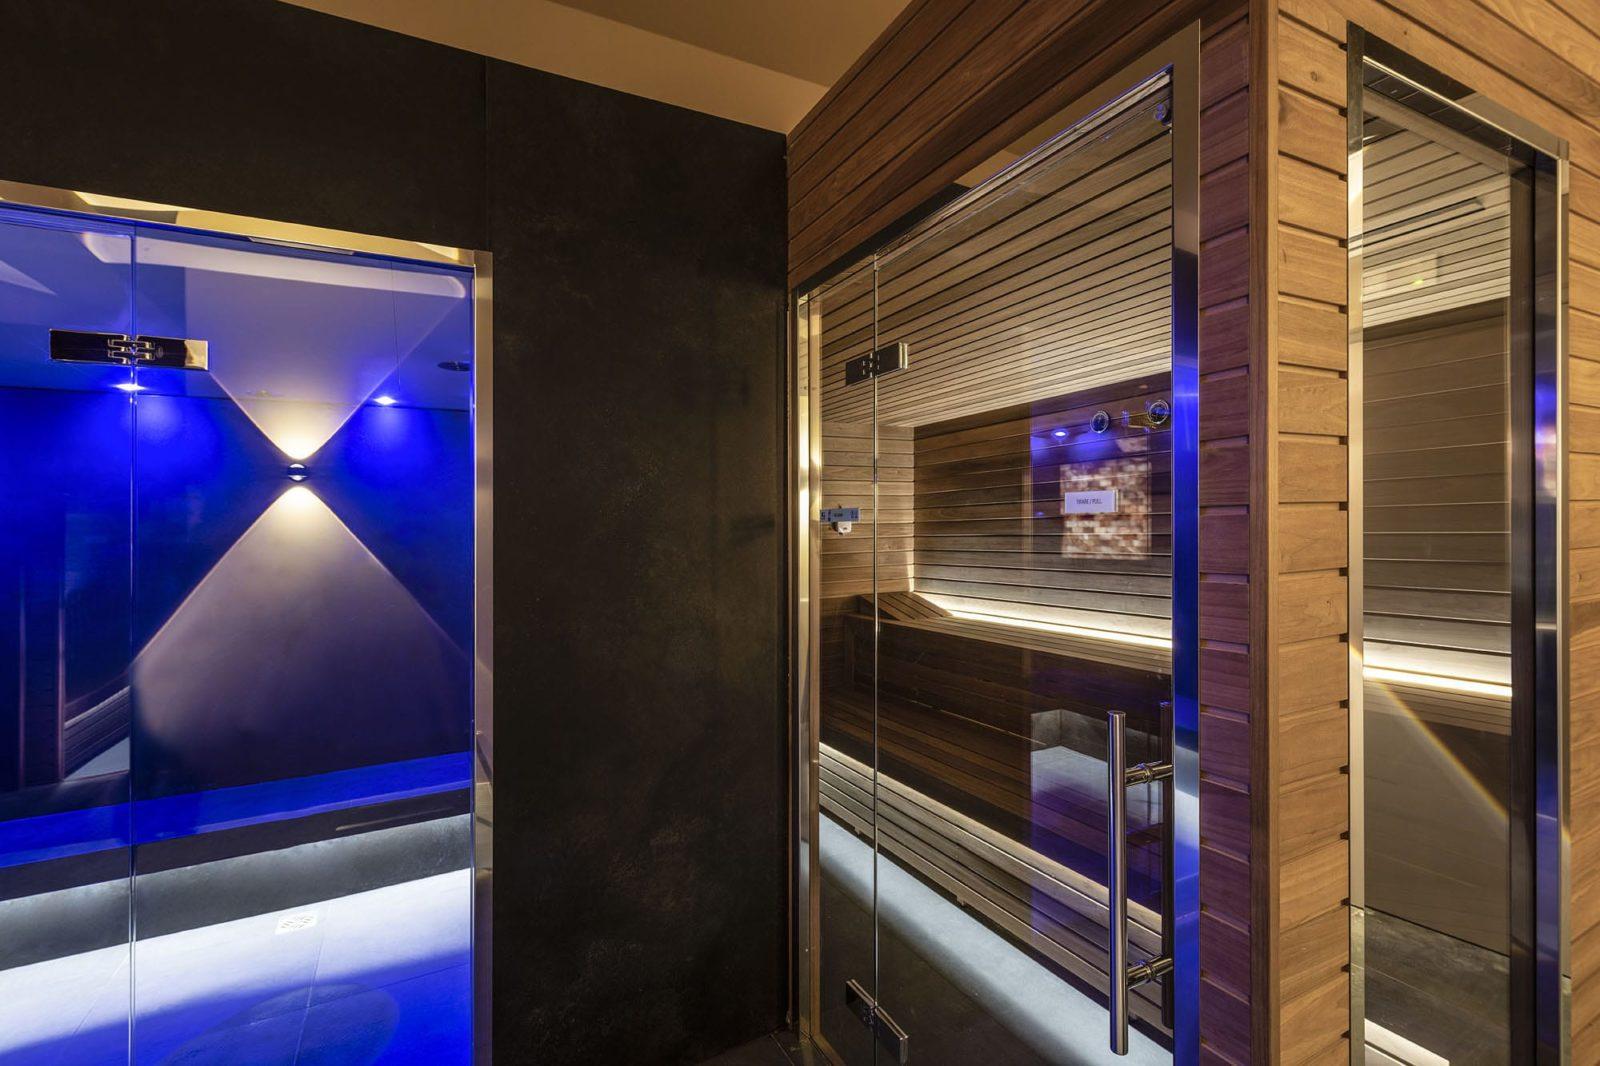 Bagnoturco Sauna Hortenberg2